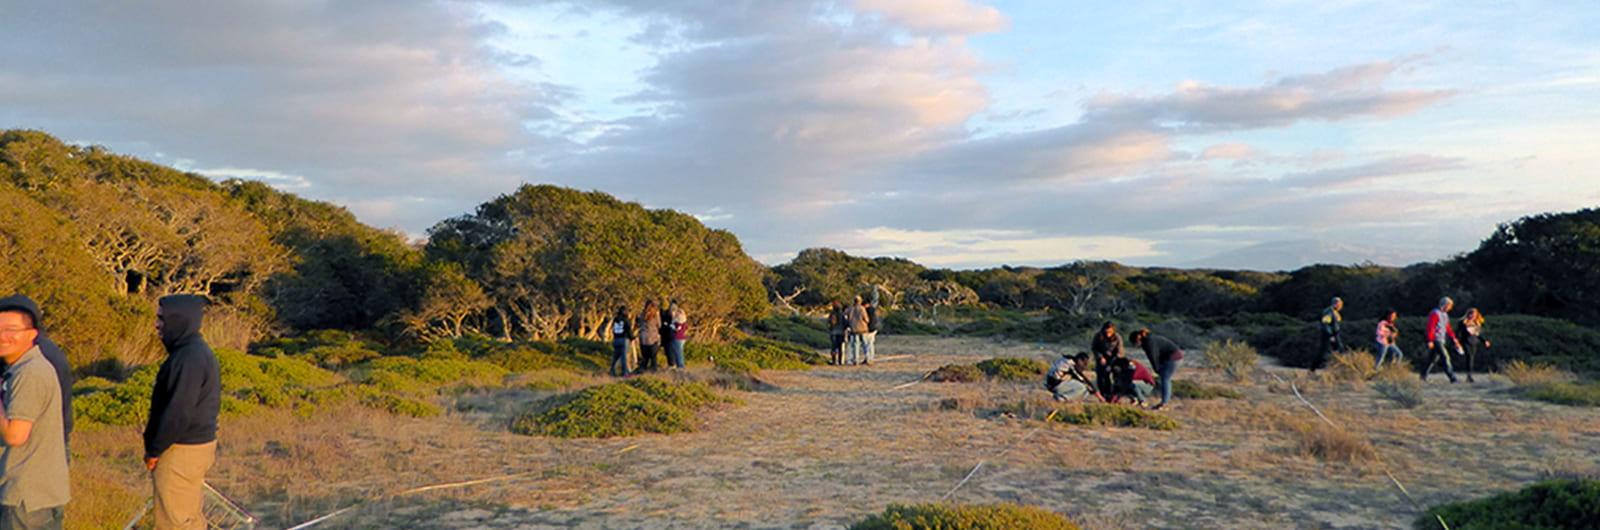 Fort Ord Natural Reserve Internships